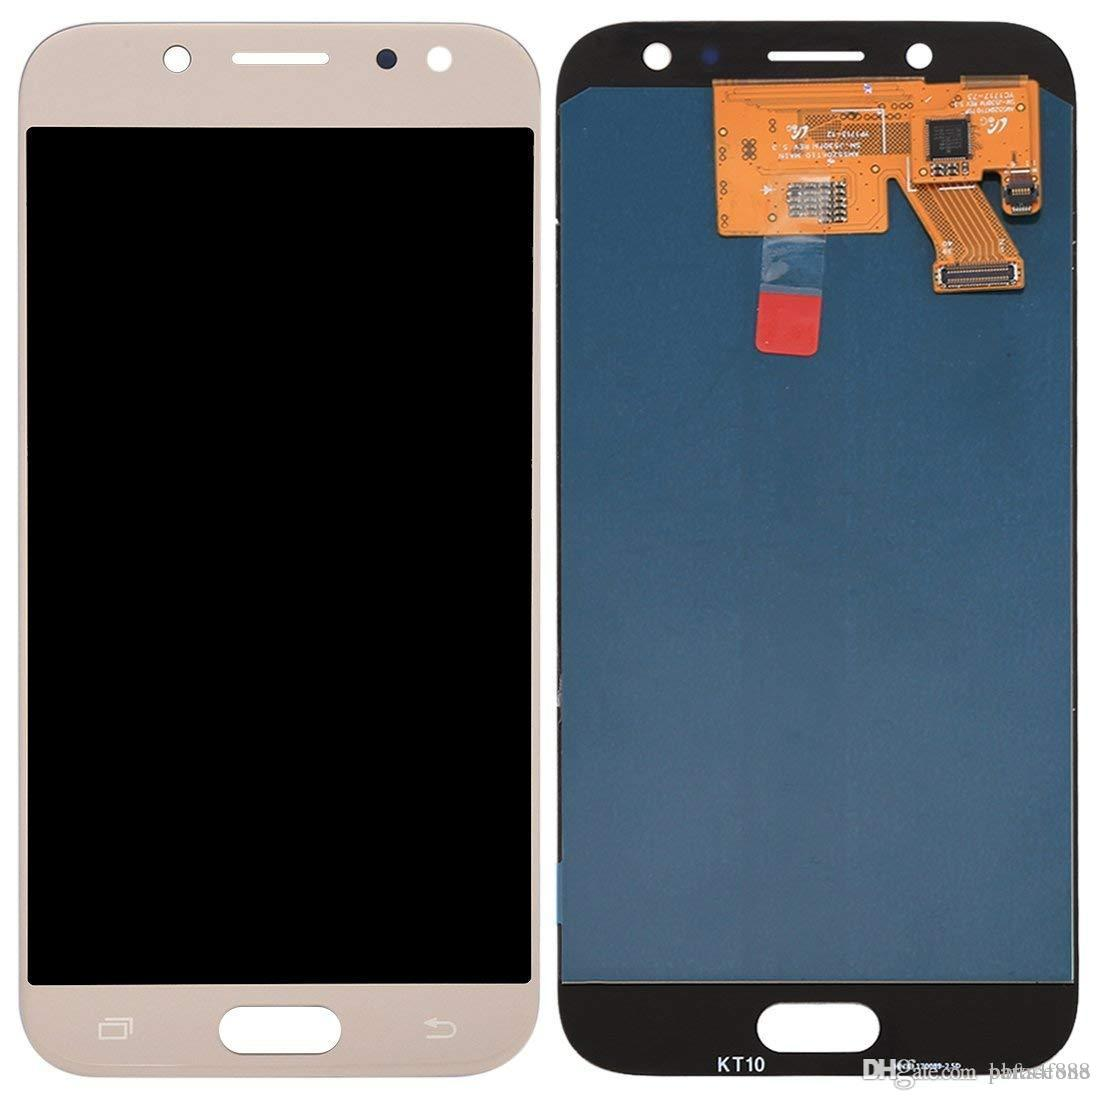 Samsung J5 pro (J530) TFT LCD dokunmatik ekran, ayarlanabilir parlaklık, Yedek Parçaları, yeni ve yüksek kaliteli yedek parçaları